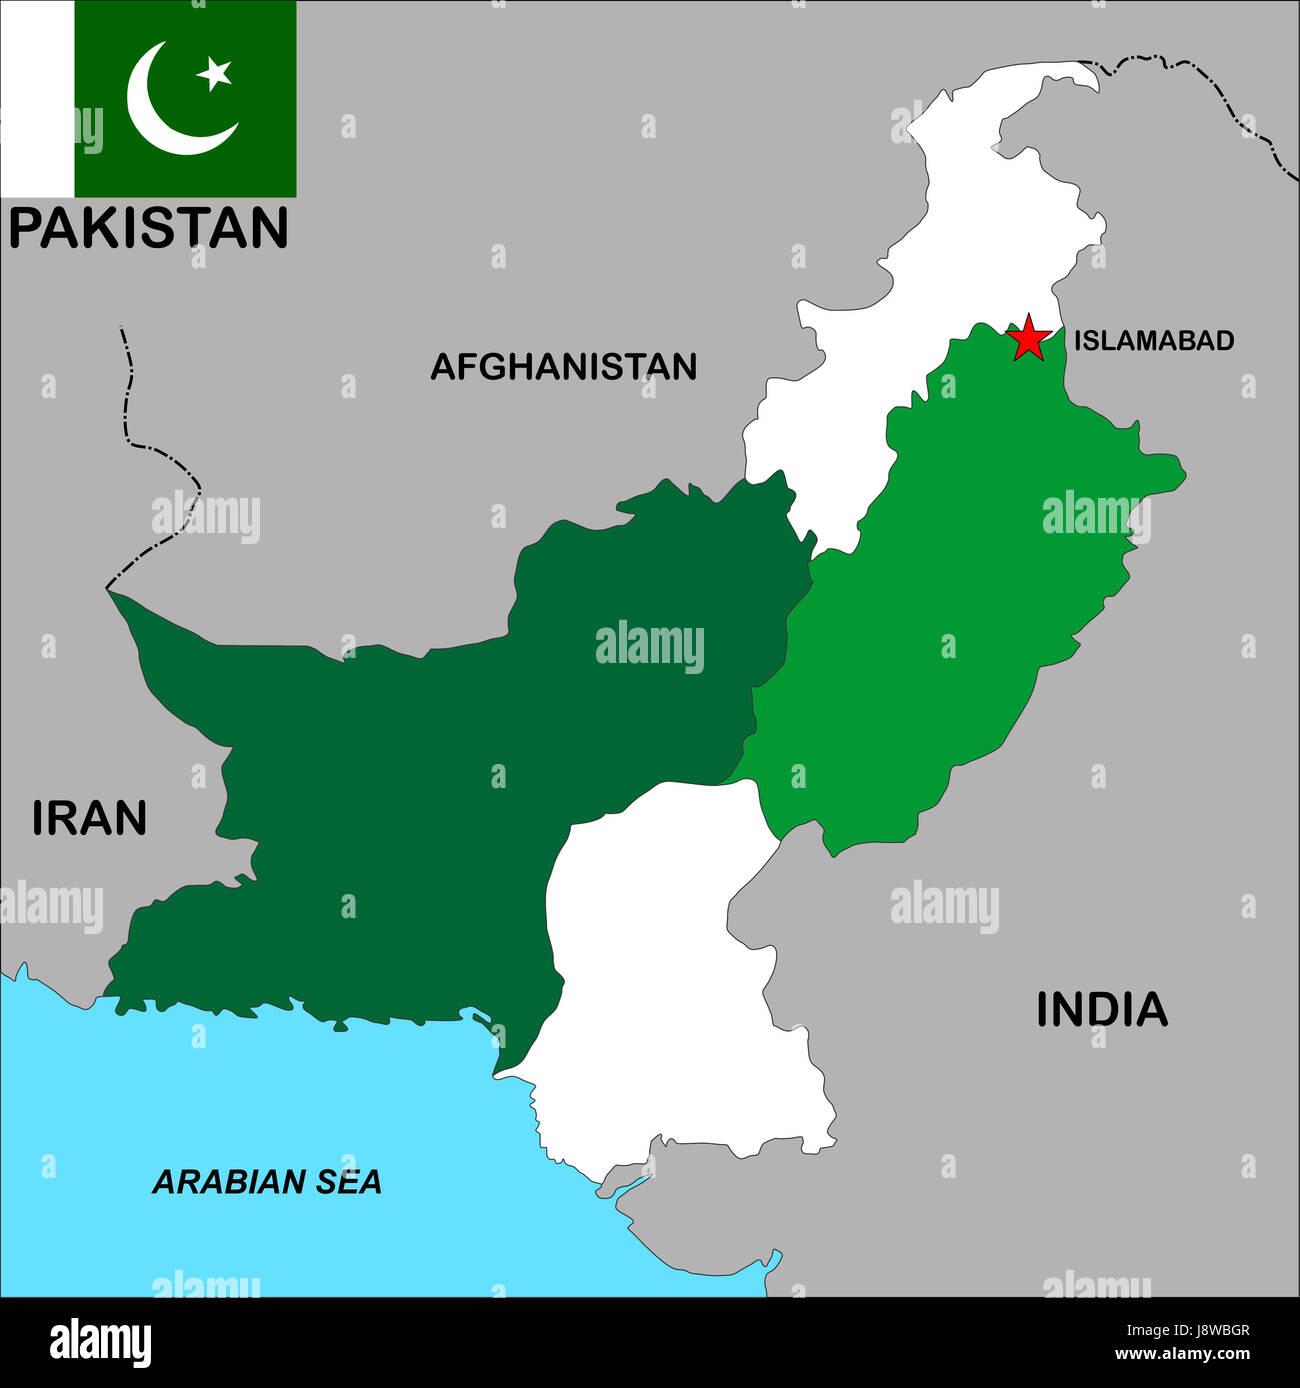 Cartina India Pakistan.Map Pakistan High Resolution Stock Photography And Images Alamy